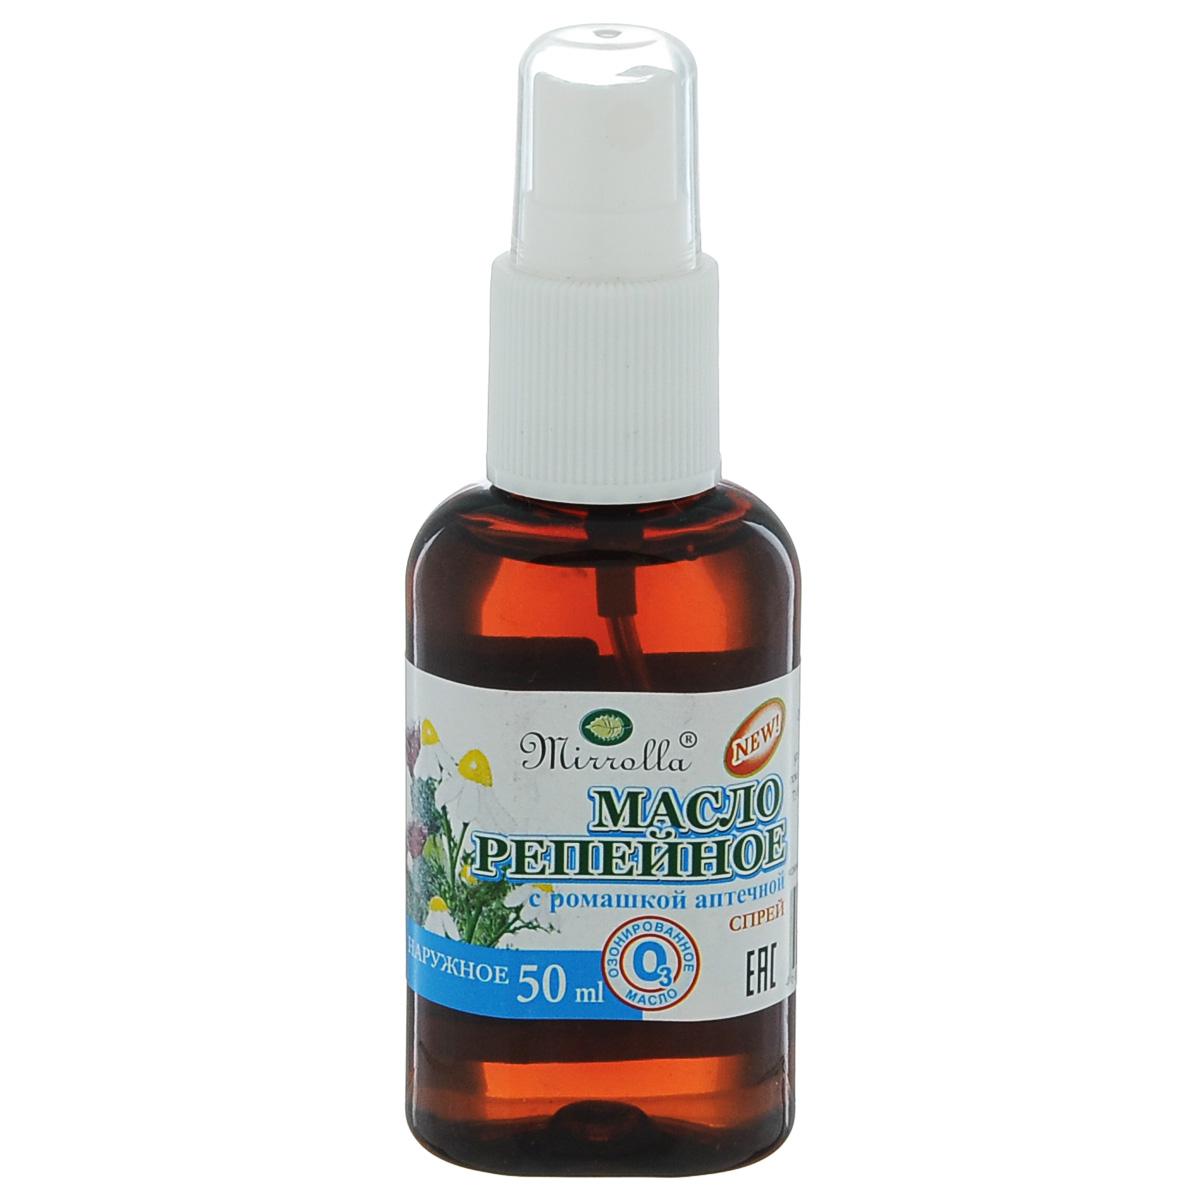 Мирролла Репейное масло с ромашкой аптечной, озонированное, 50 мл4650001793355Репейное масло содержит активный инулин, богатый комплекс витаминов, протеин, жирные кислоты, дубильные вещества и минеральные соли. Ромашка аптечная способствует ослаблению аллергических реакций и ускорению процесса регенерации. В масле ромашки содержится азулен, который оказывает противоаллергический эффект. Озон (Оз) – форма активного кислорода – усиливает воздействие активных ингредиентов, укрепляет и оживляет клетки корней волос. Озонированное репейное масло с ромашкой аптечной «Мирролла»: - улучшает тканевое дыхание; - нормализует метаболические процессы в фолликулах; - стимулирует рост и обновление волос, препятствует их выпадению; - предотвращает ломкость сухих и поврежденных волос; - придает волосам мягкость и шелковистость.